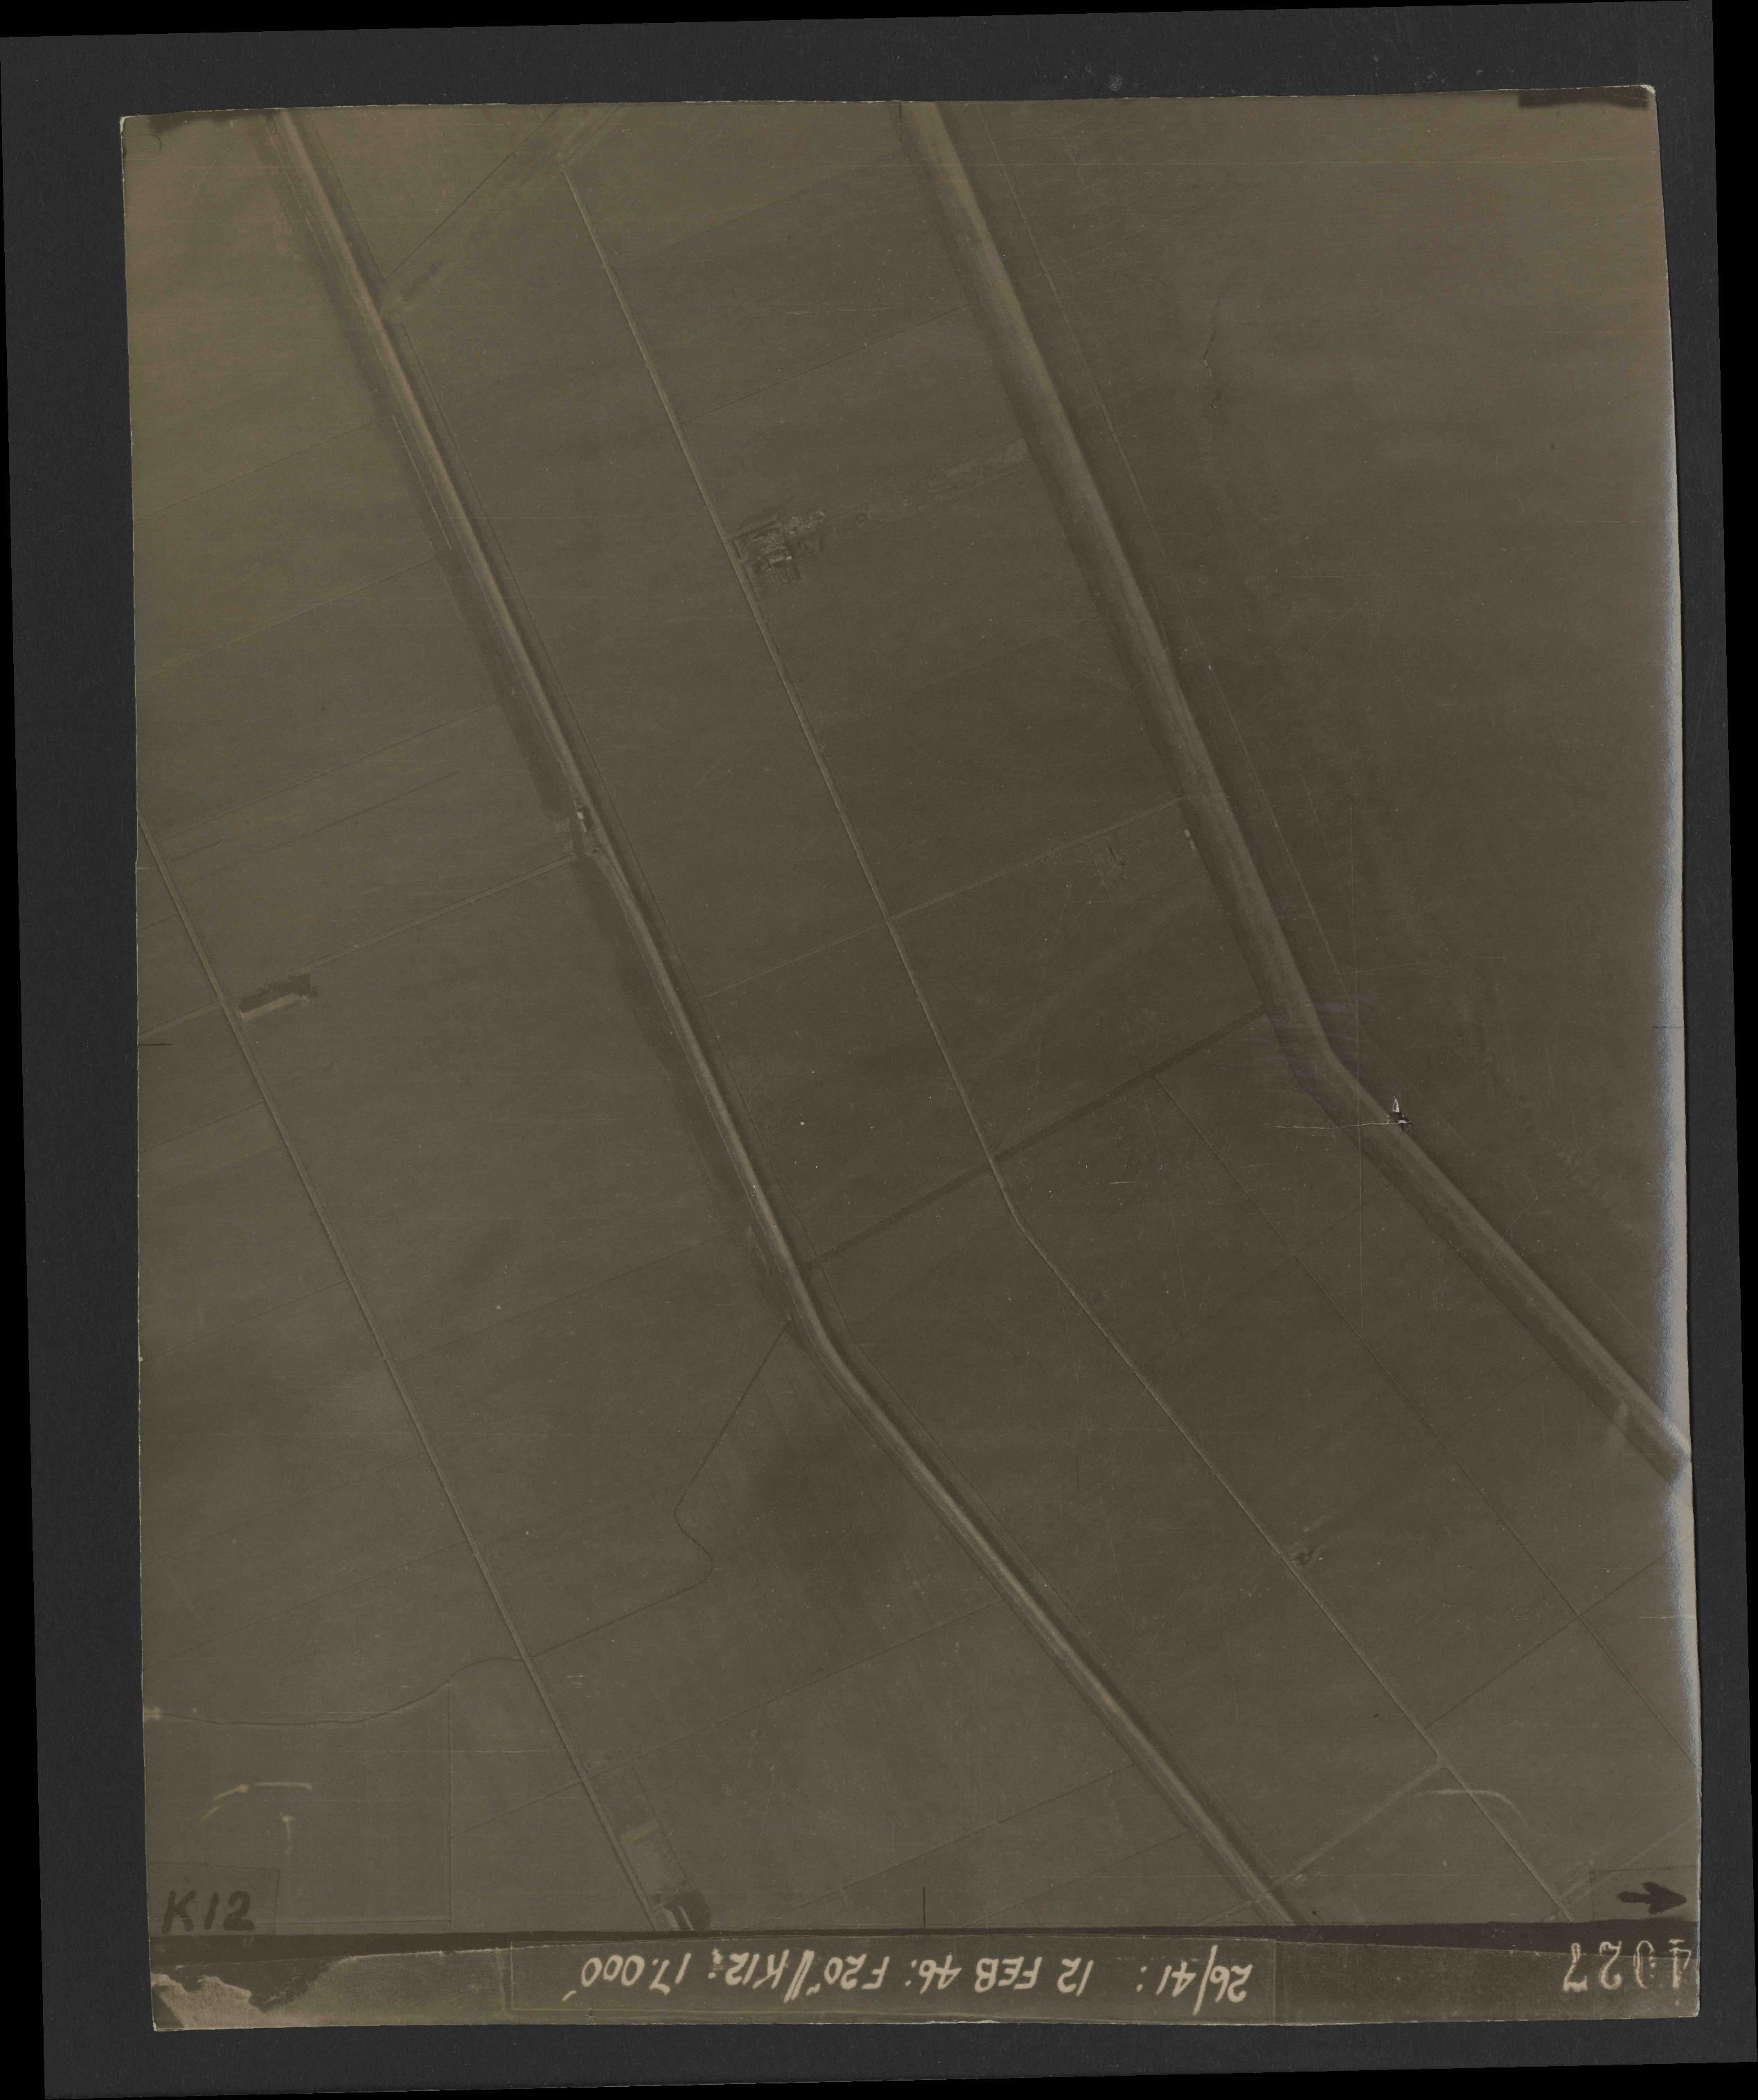 Collection RAF aerial photos 1940-1945 - flight 212, run 11, photo 4027